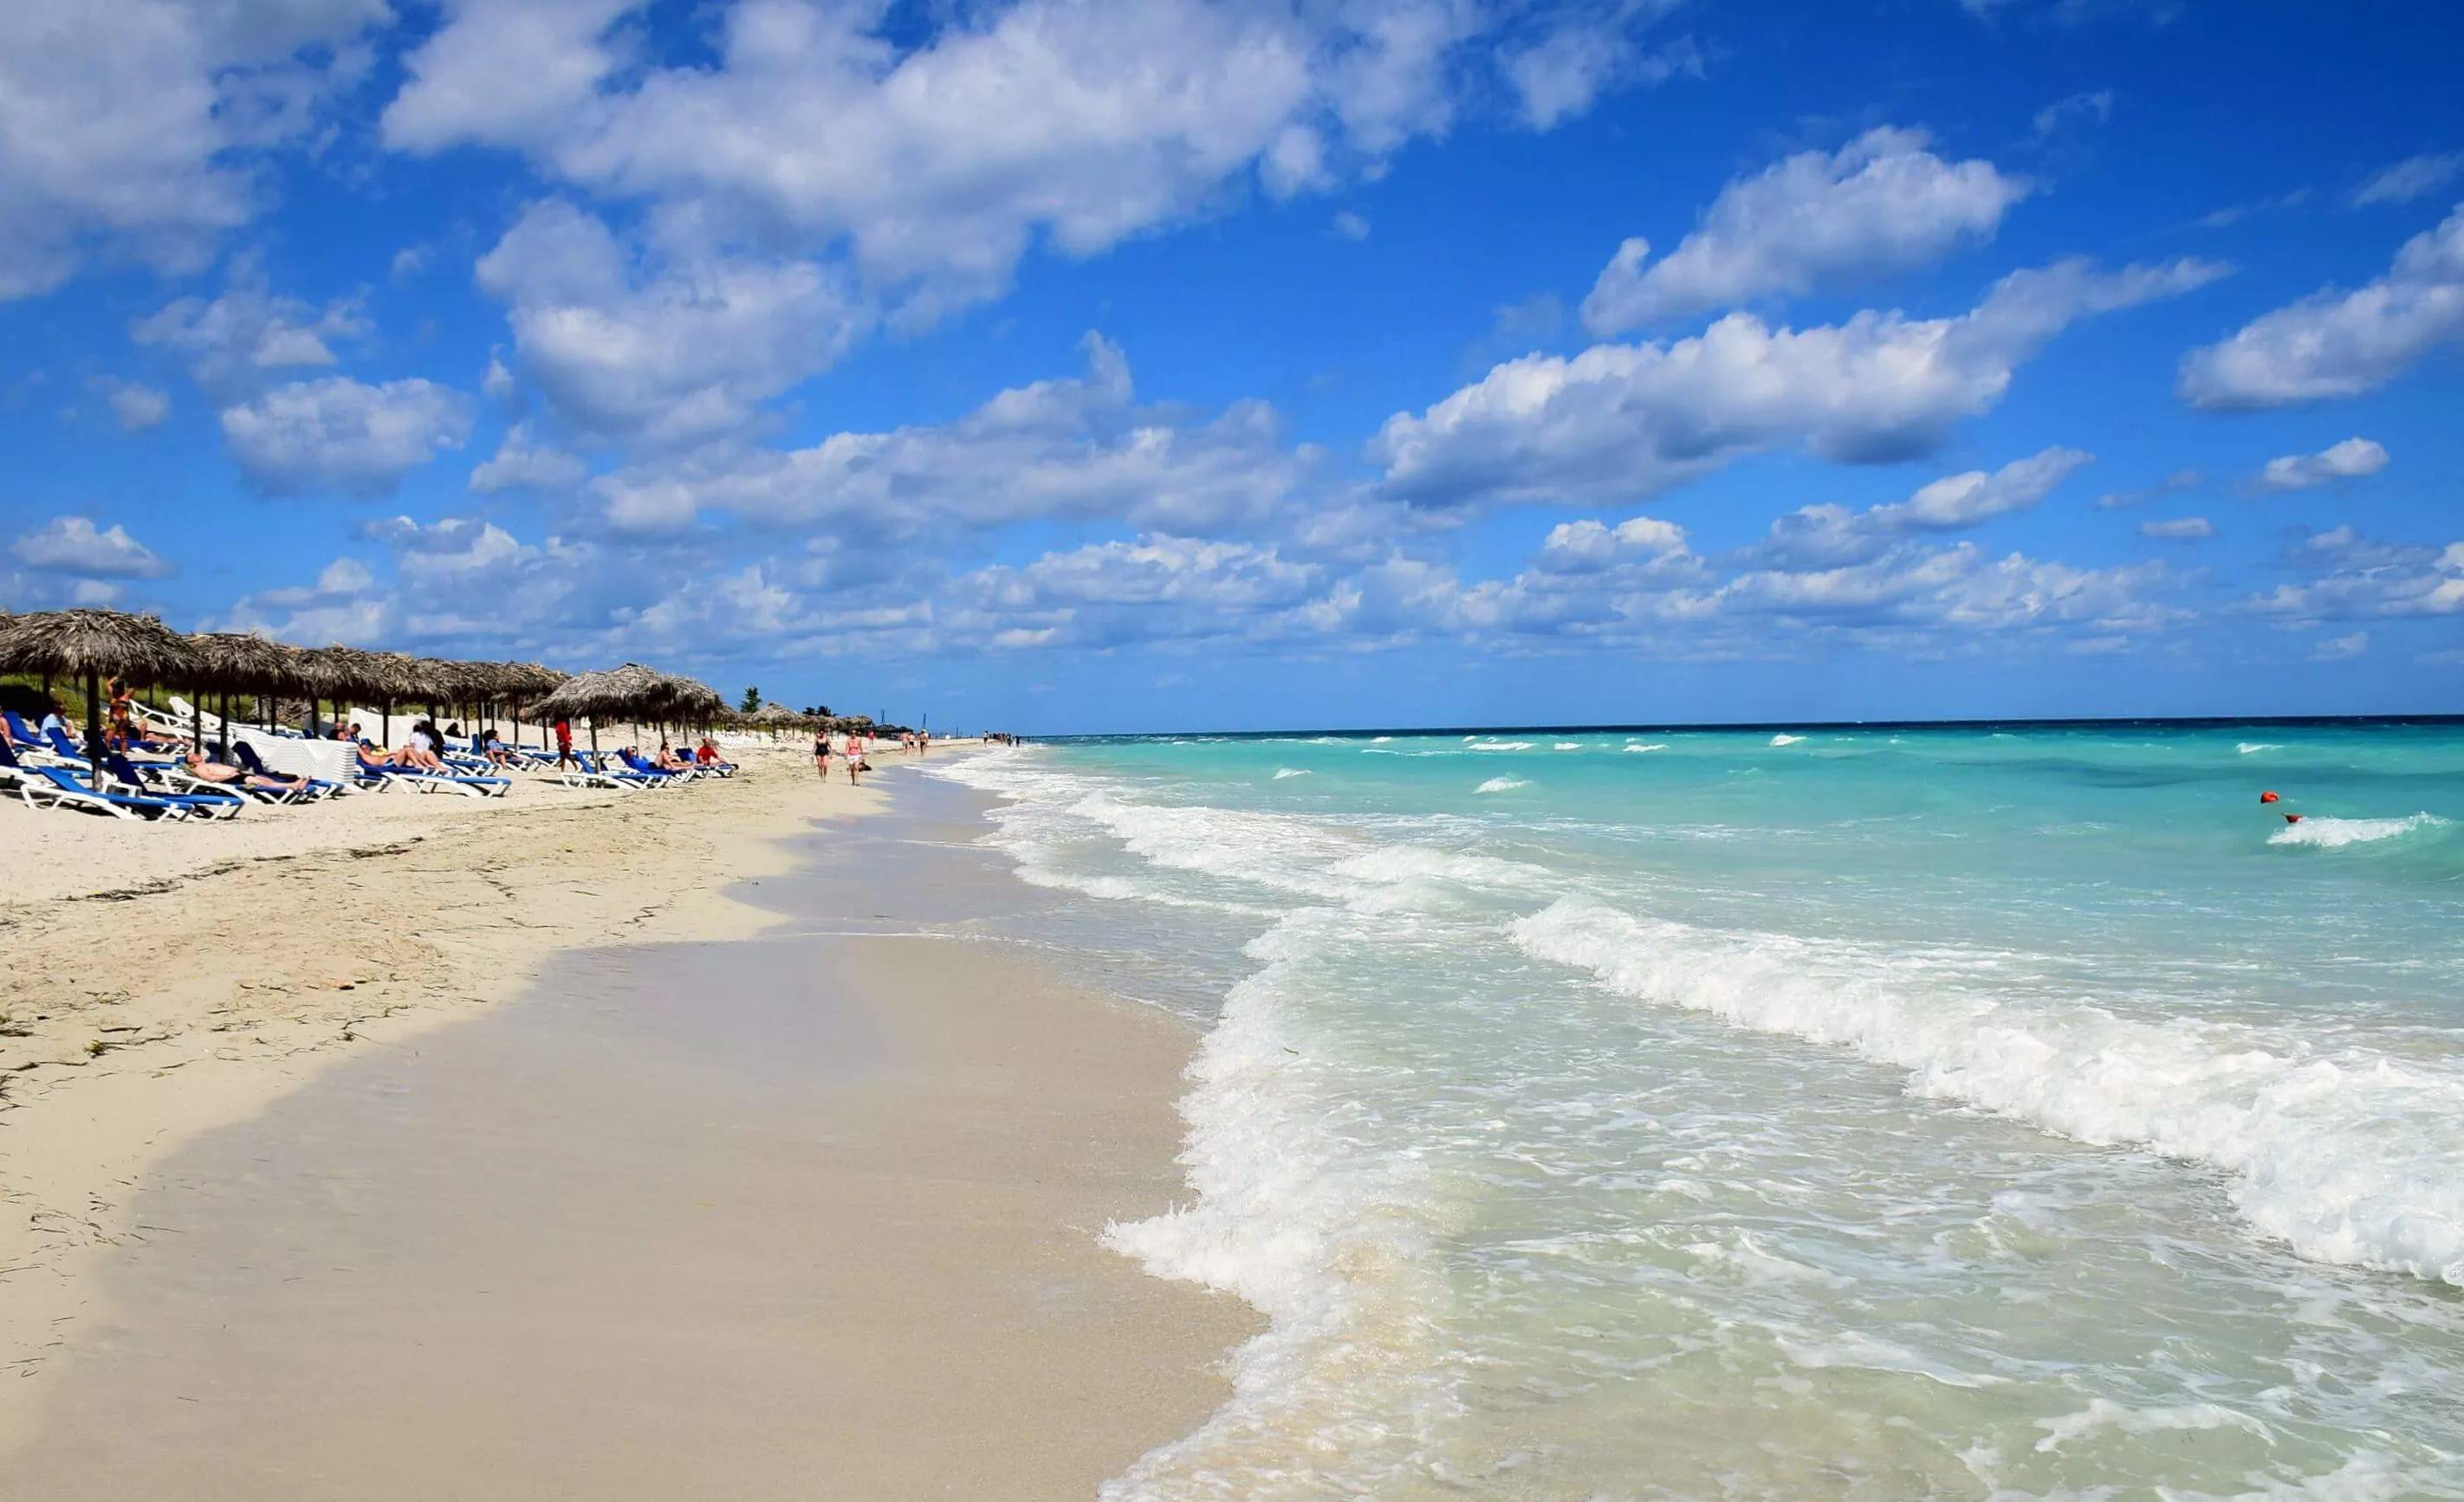 два реальные фото пляж отдых